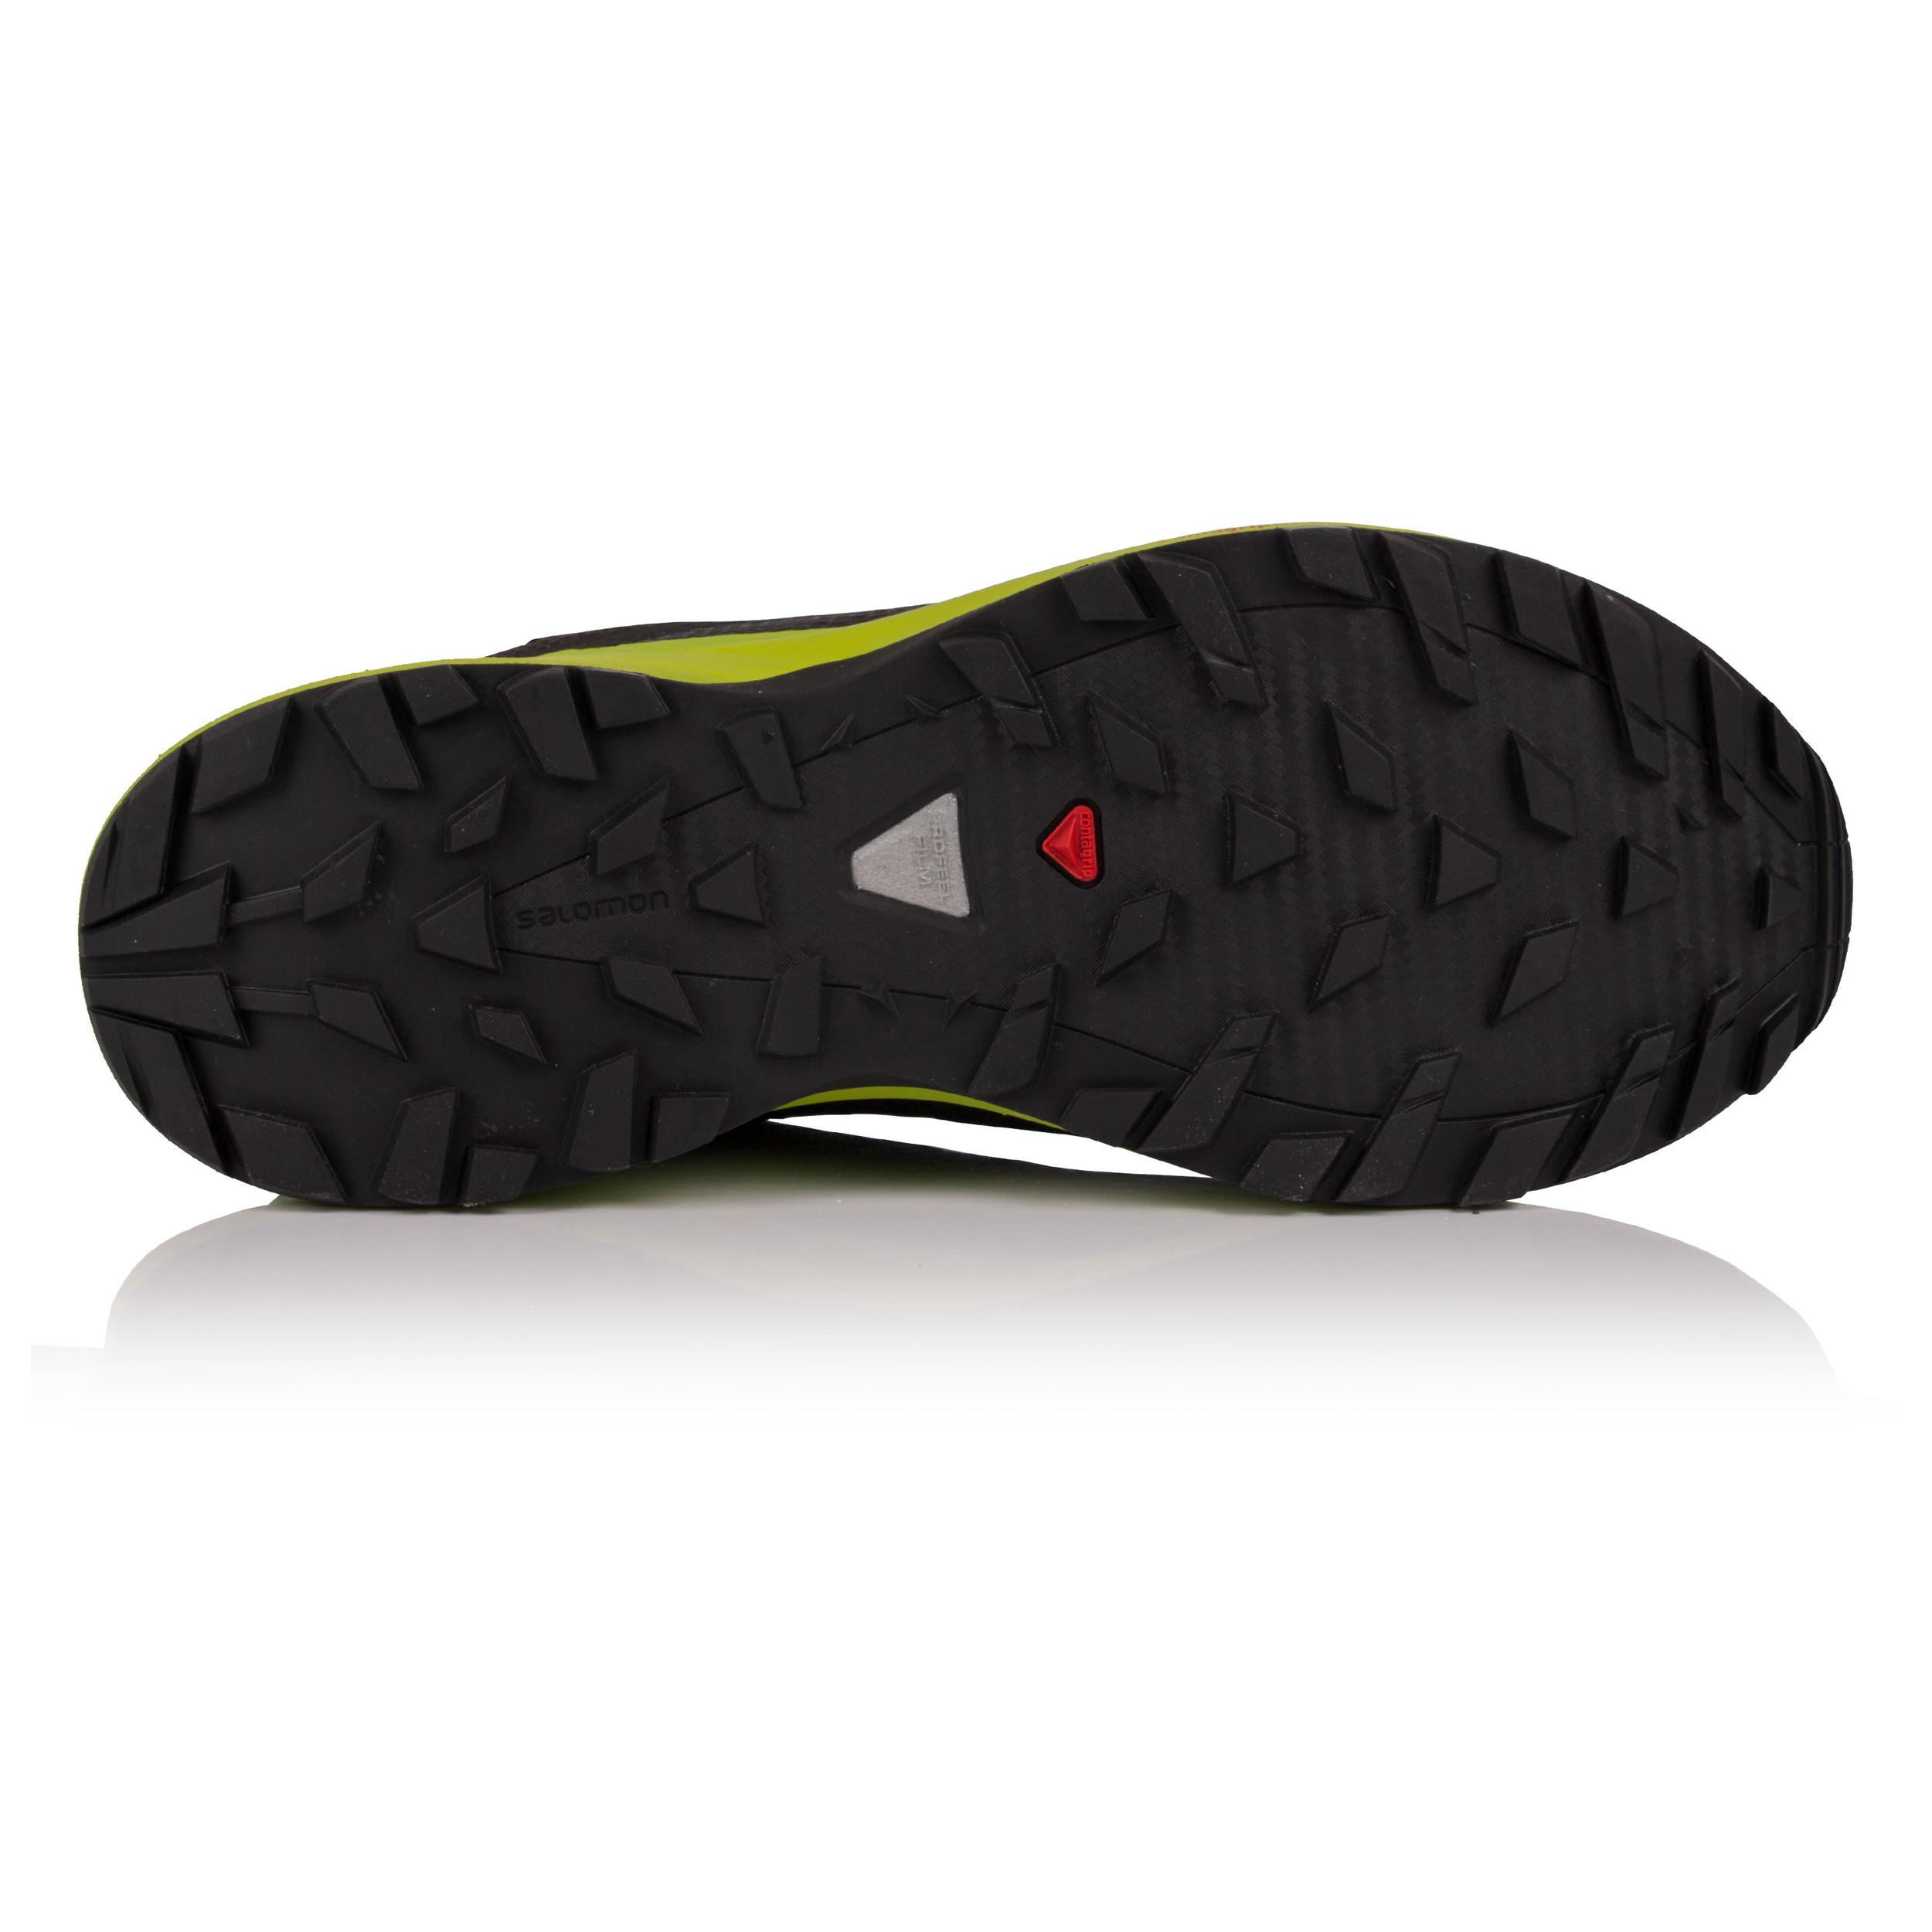 09f1cb80391 ... Salomon Homme XA ELEVATE GORE-TEX Trail Chaussures De Course Course  Course à Pied Baskets ...